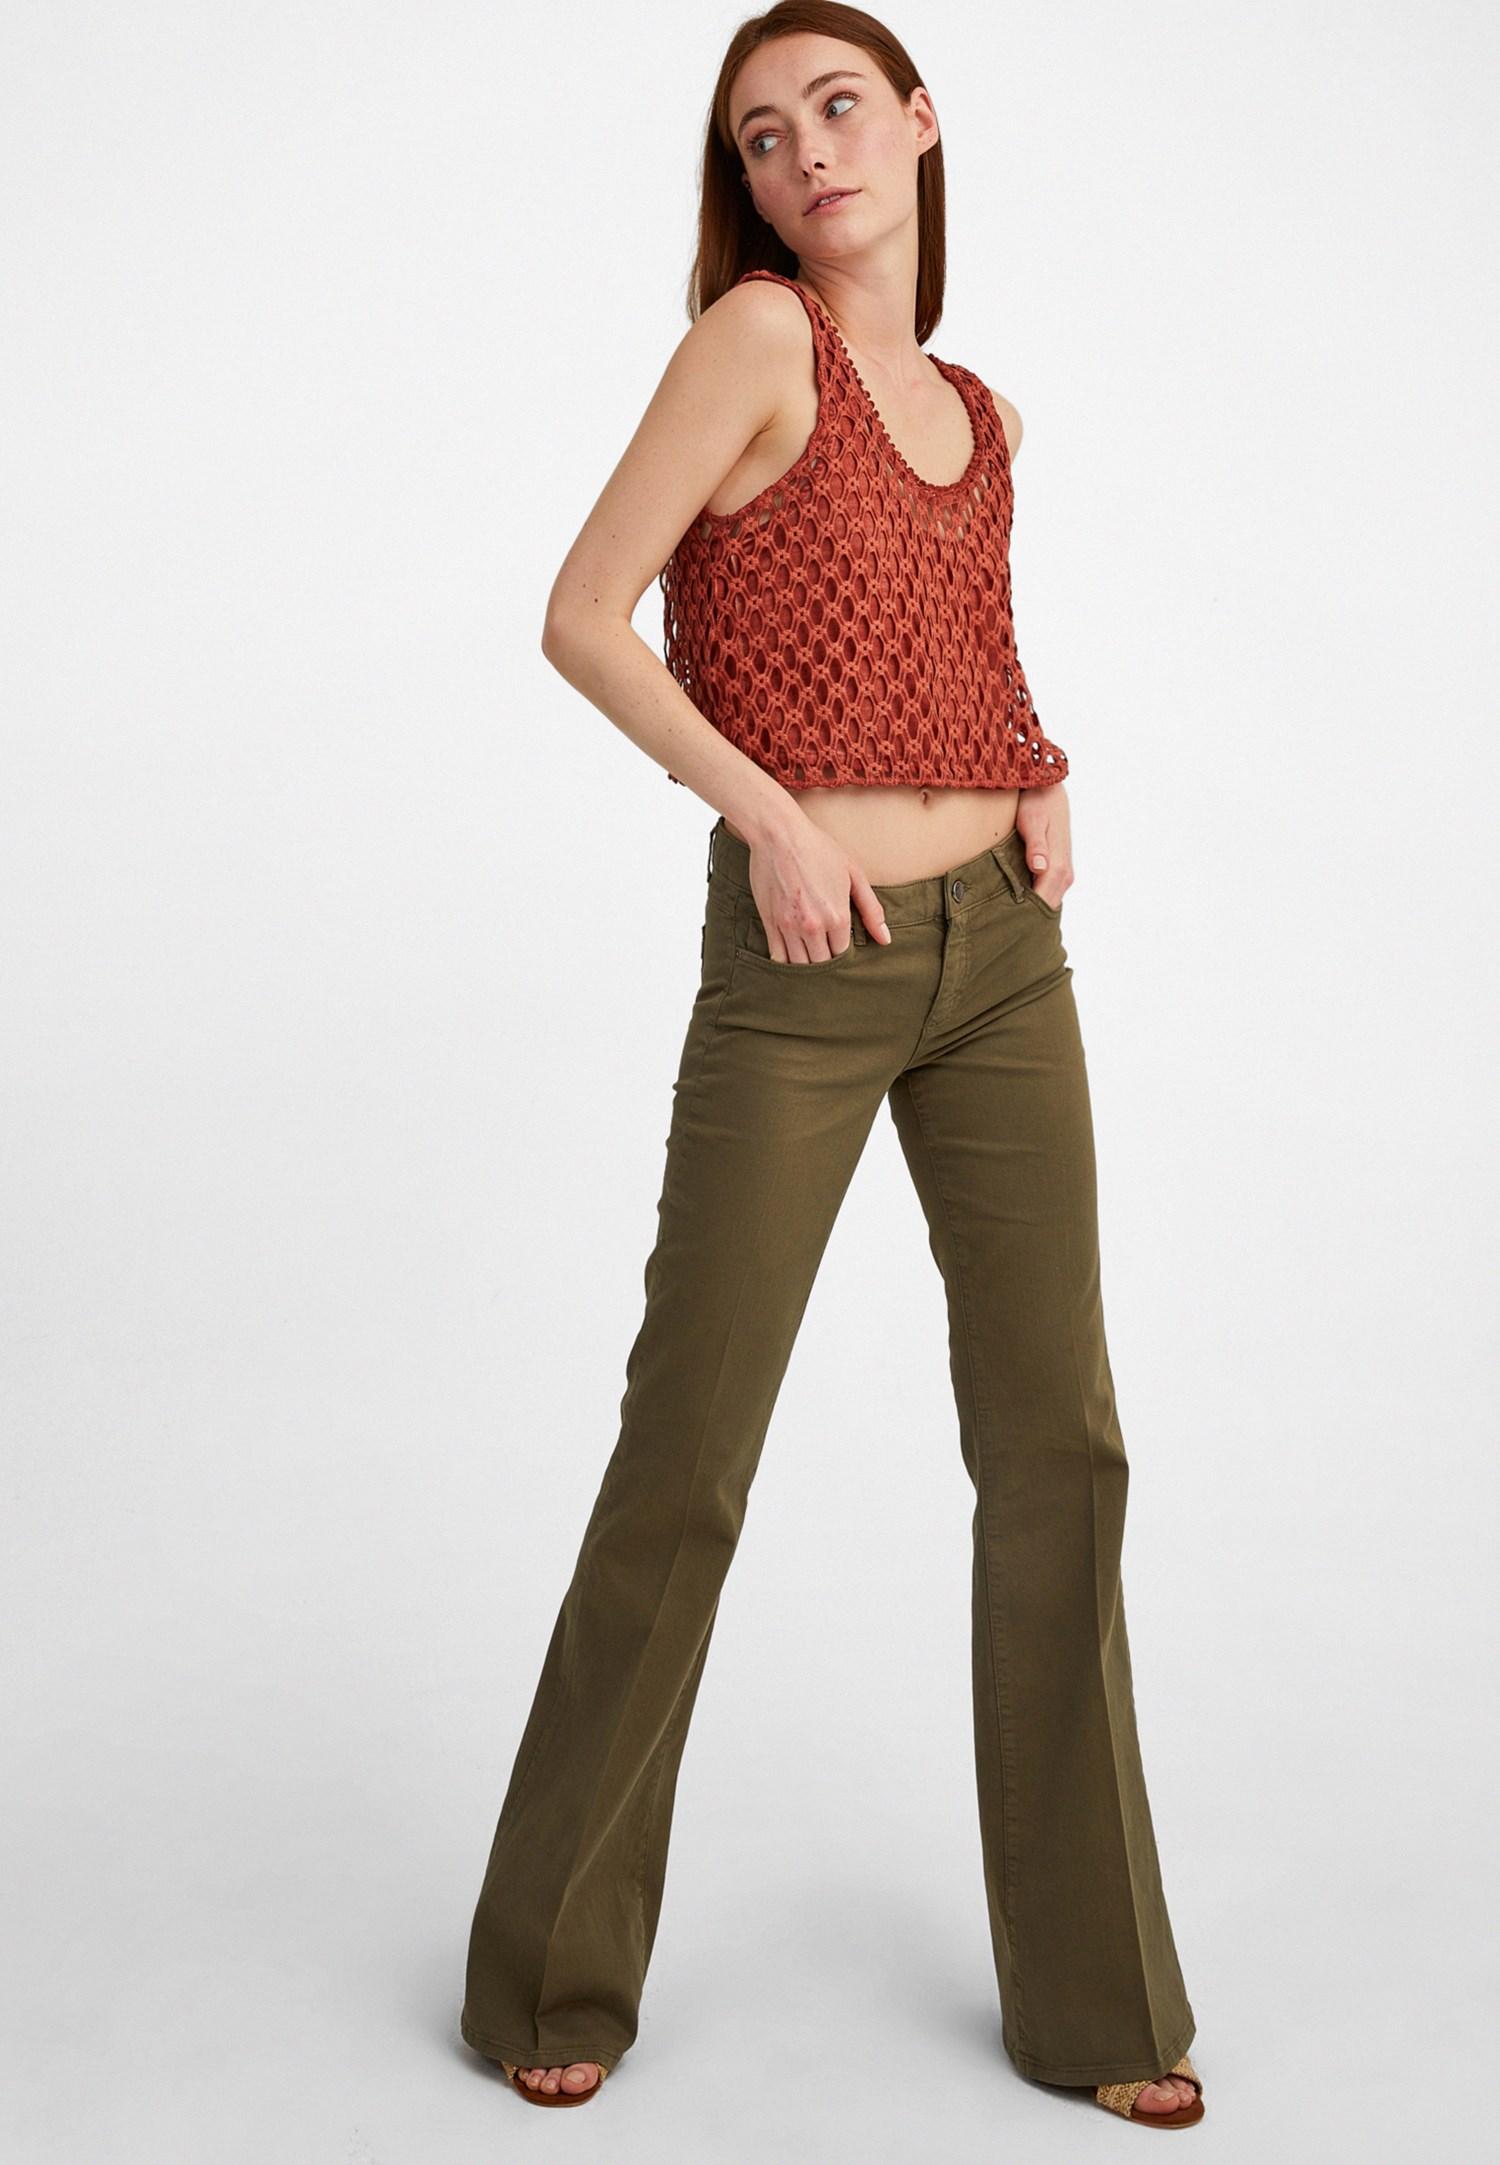 Bayan Yeşil Düşük Bel İspanyol Paça Pantolon